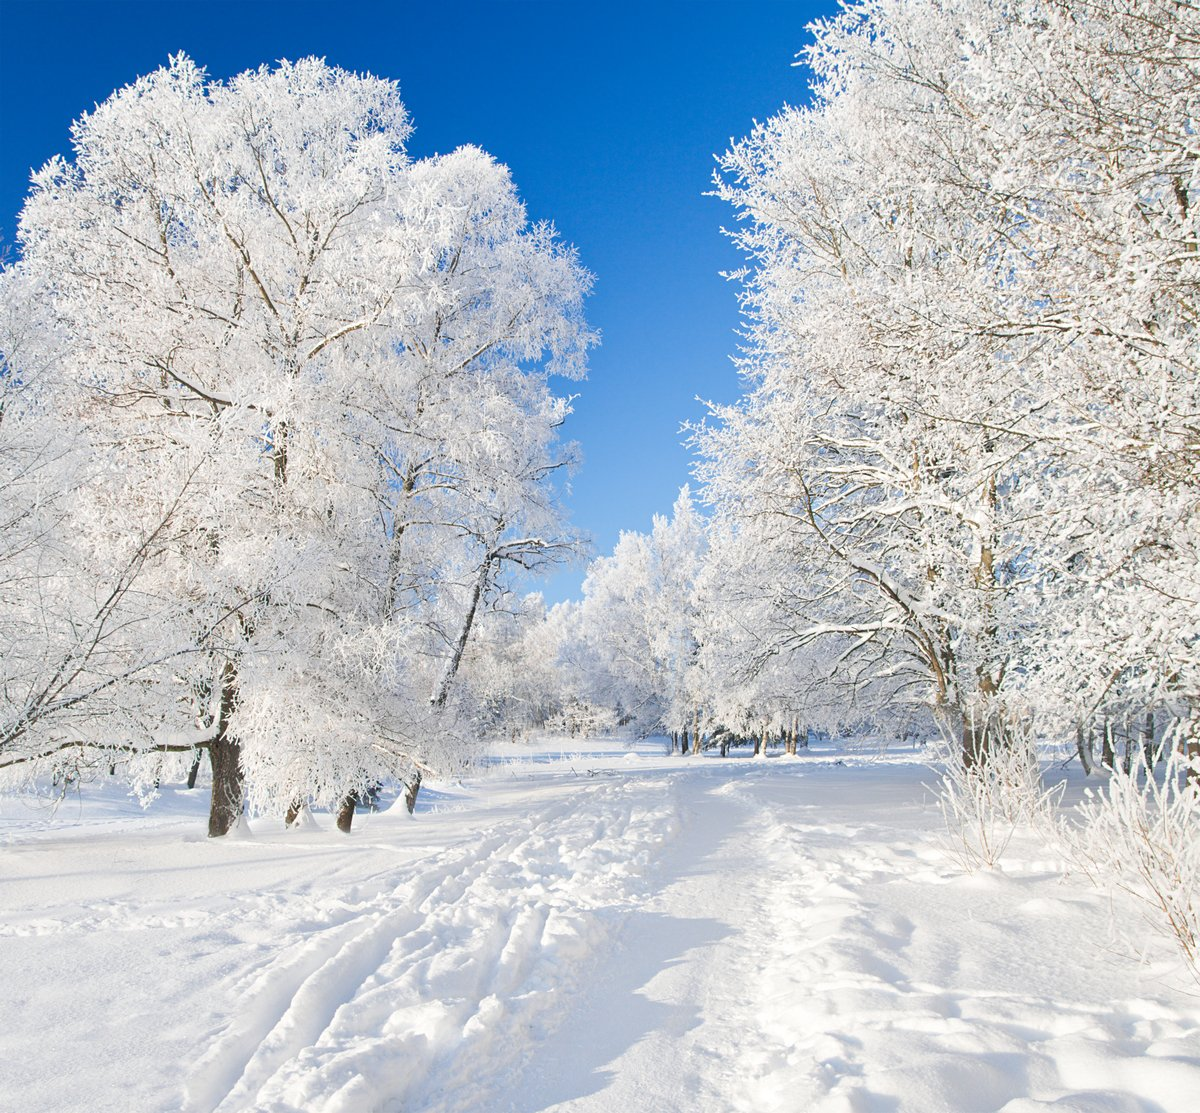 Постер Зима Зимний парк в снегуЗима<br>Постер на холсте или бумаге. Любого нужного вам размера. В раме или без. Подвес в комплекте. Трехслойная надежная упаковка. Доставим в любую точку России. Вам осталось только повесить картину на стену!<br>